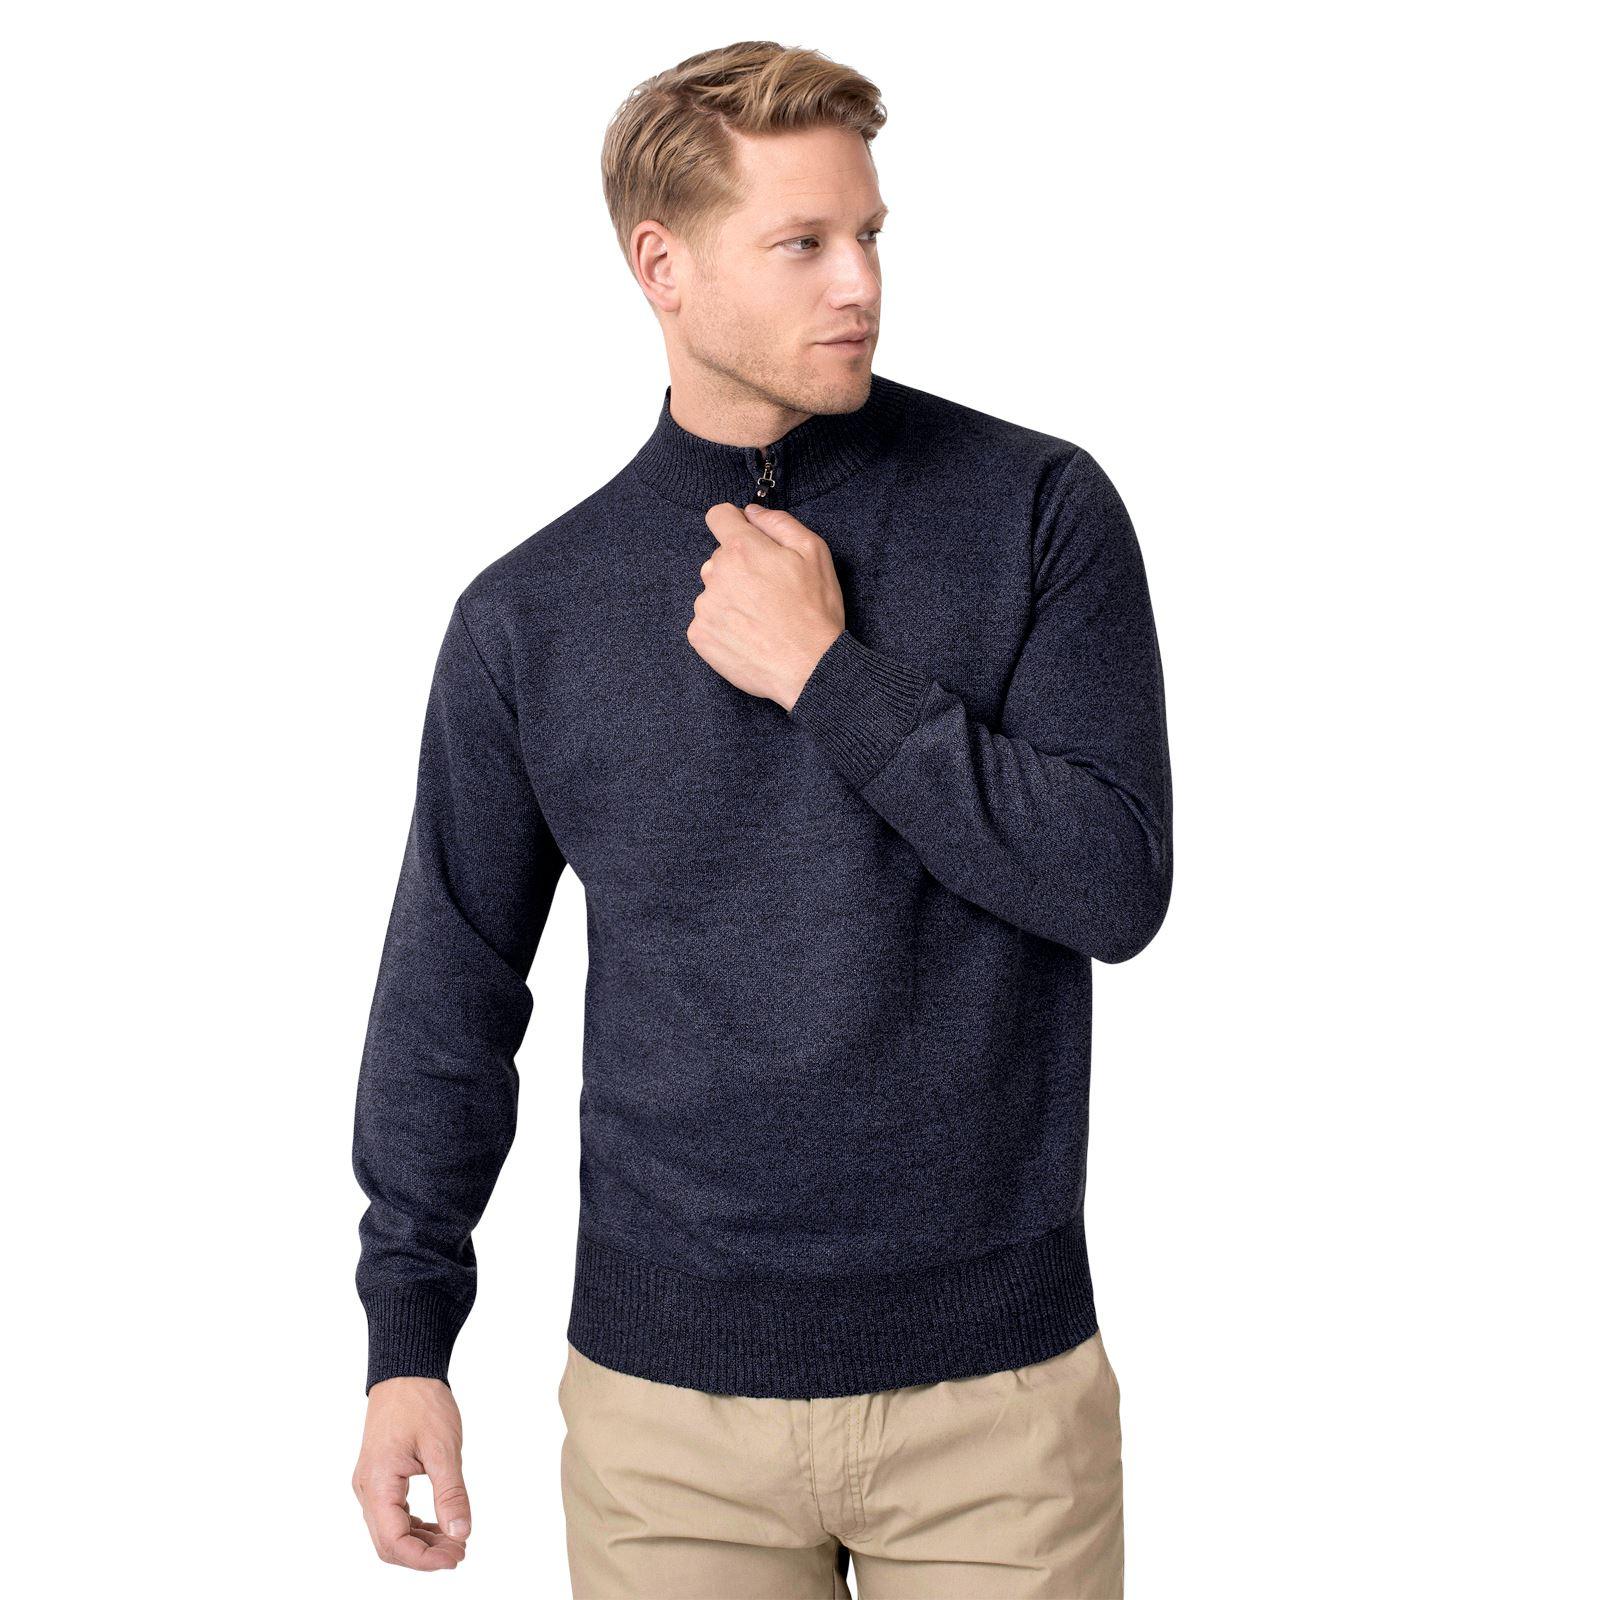 Pull-Homme-Laine-Hiver-Pas-Cher-Col-Haut-Zippee-Grande-Taille-Uni-Mode-Basique